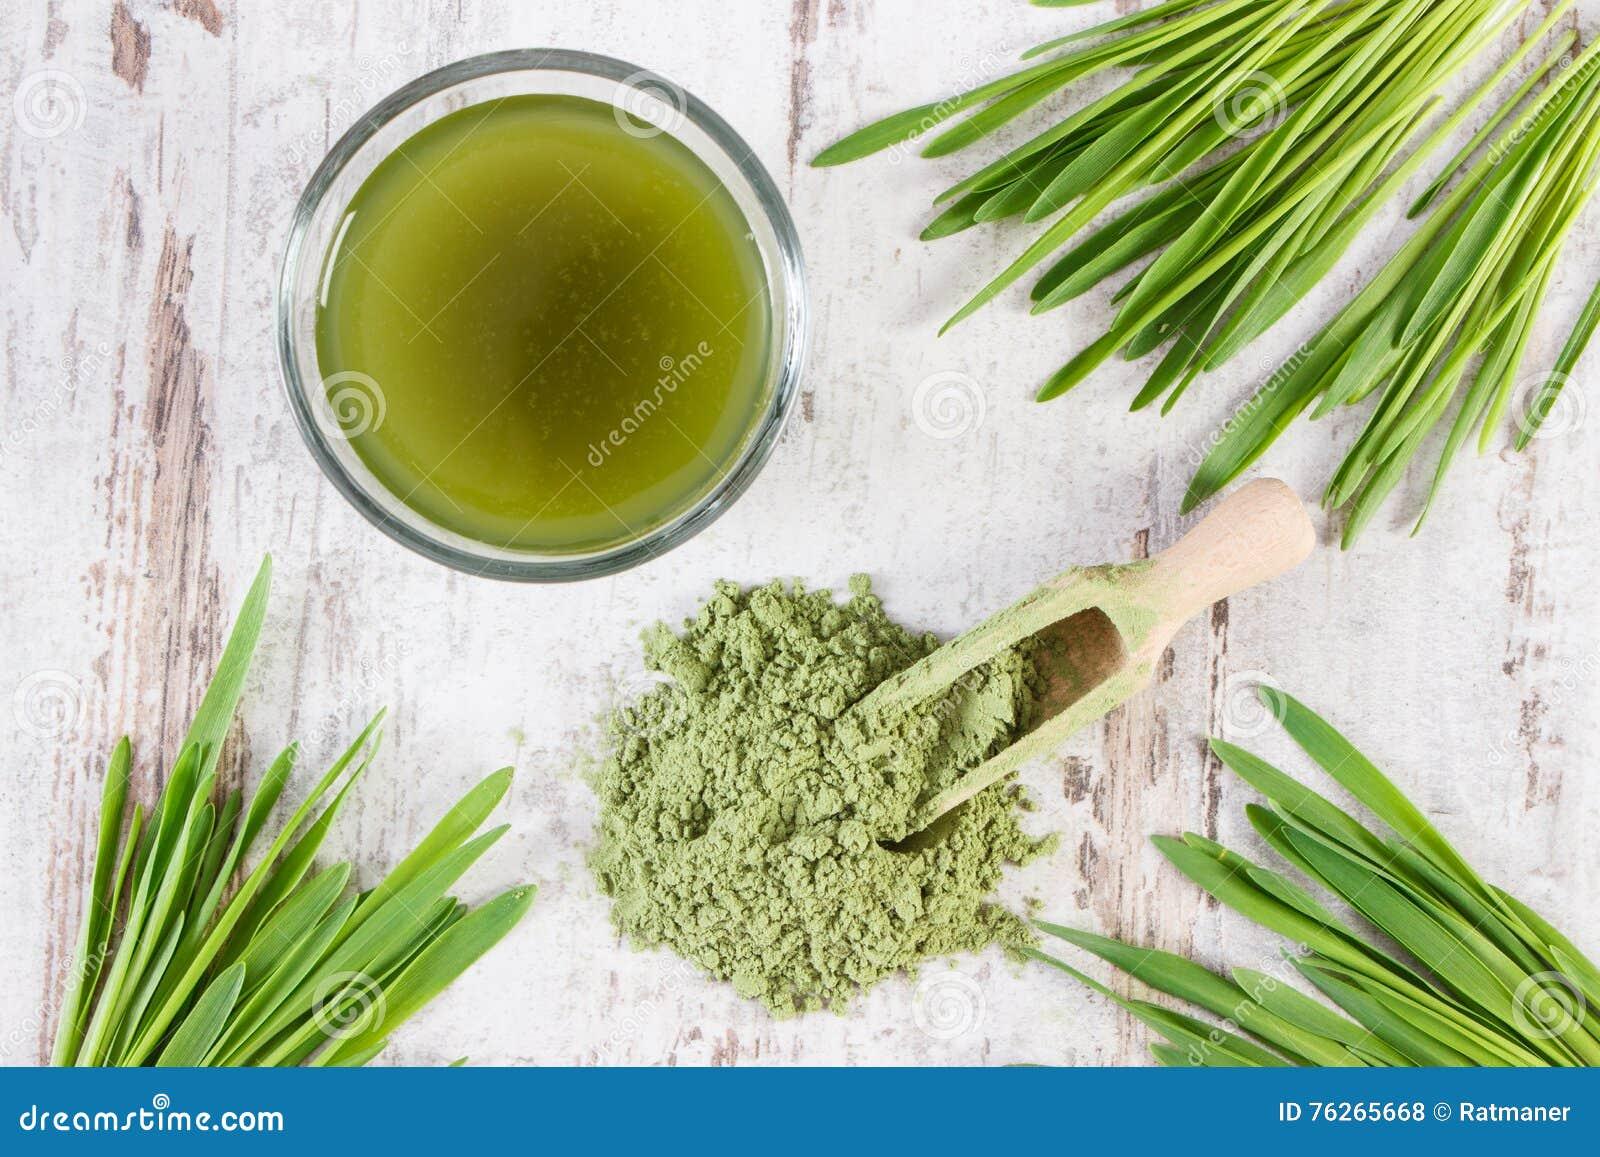 chlorophyll abnehmen